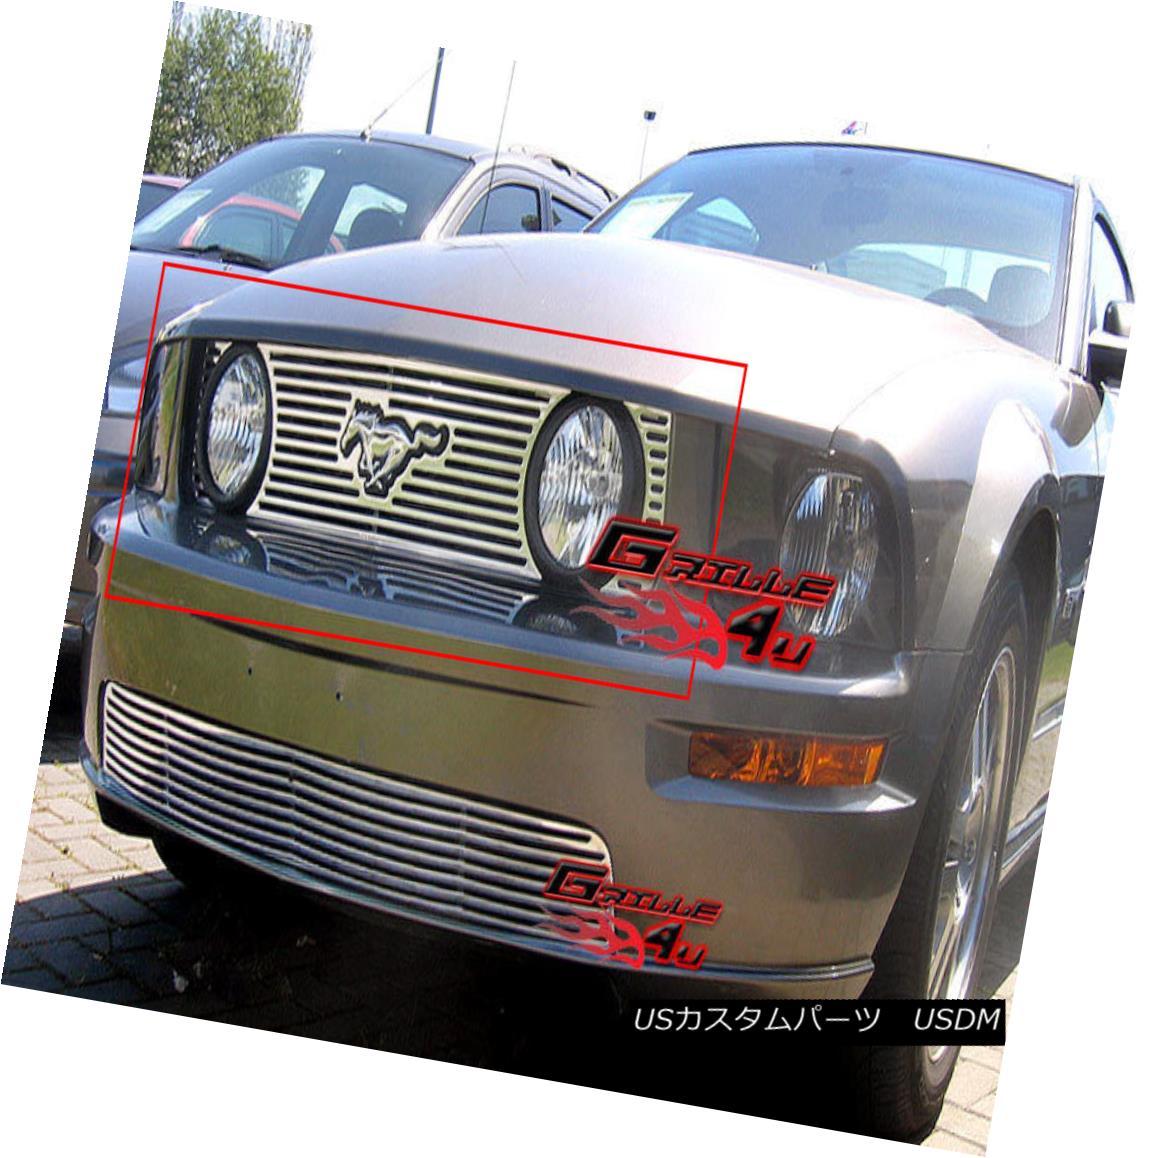 グリル For 05-09 Ford Mustang GT V8 Perimeter Grille Insert 05-09 Ford Mustang GT V8ペリメーターグリルインサート